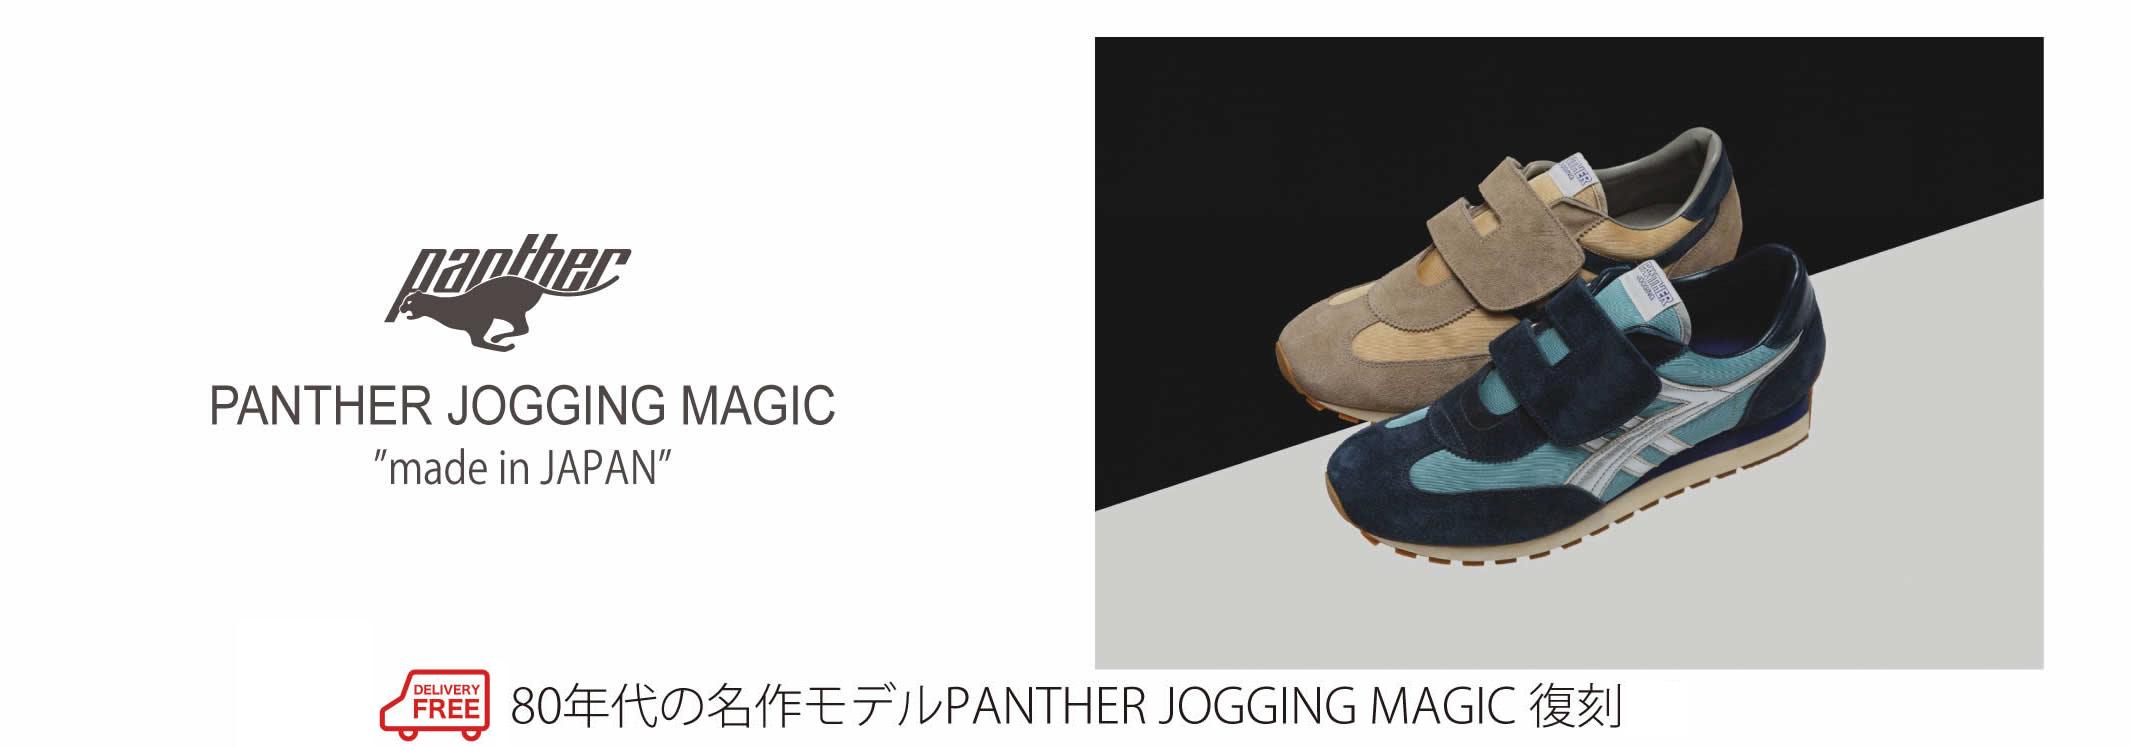 07-panter-jogging-magic-4